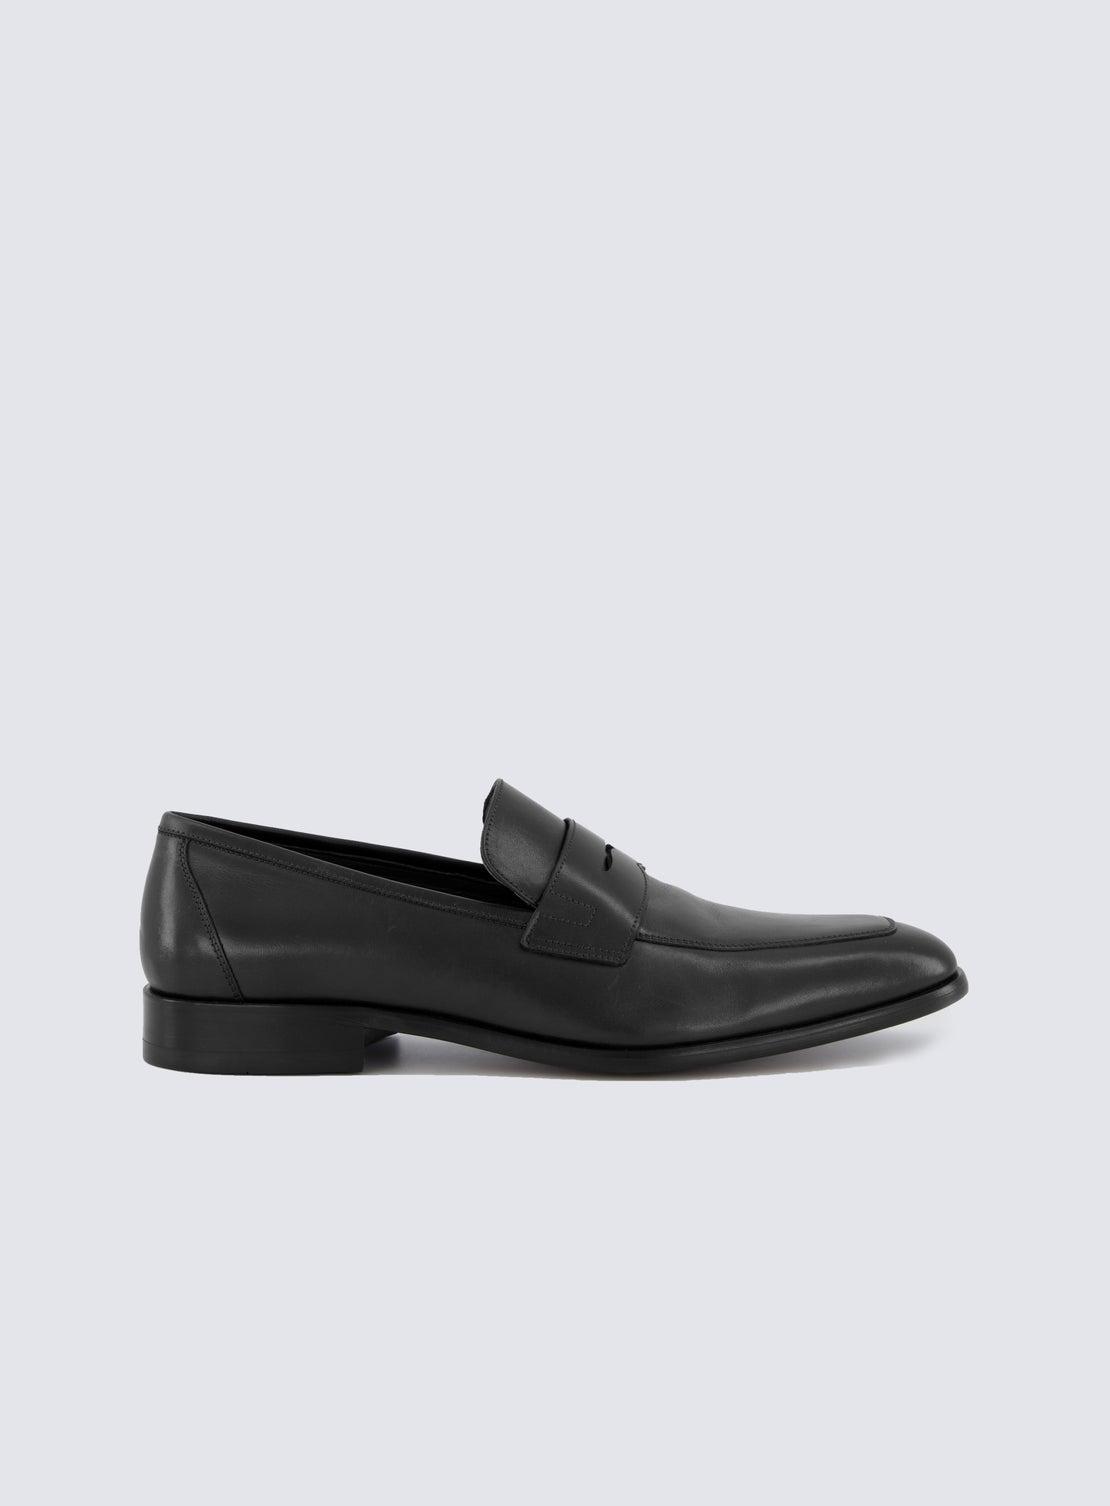 Weller Black Loafer